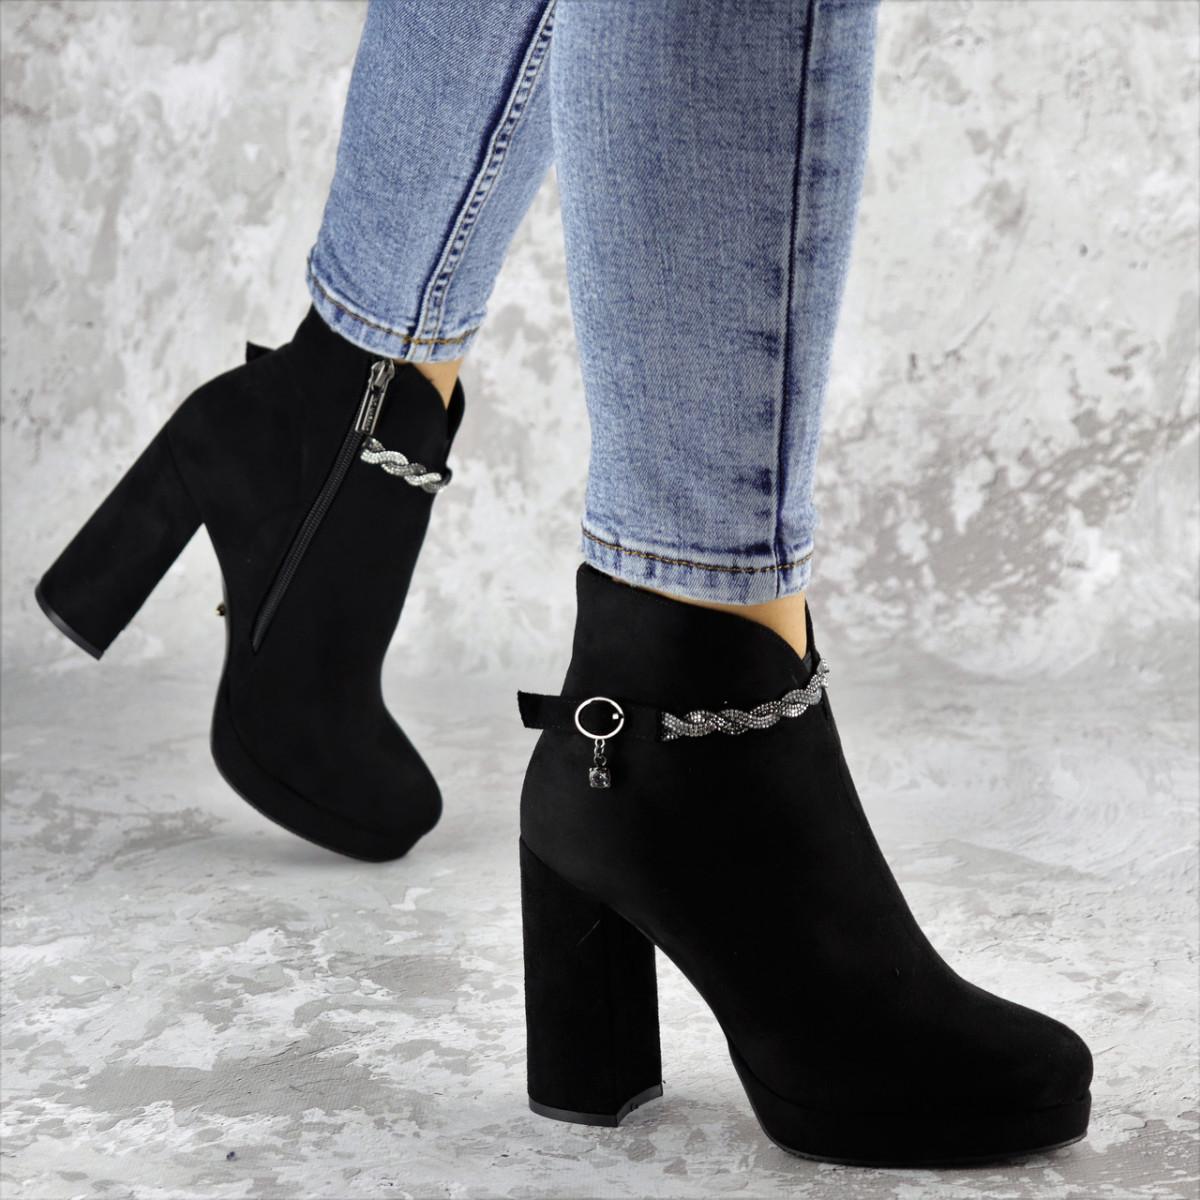 Ботинки женские Fashion Susan 2220 35 размер 23 см Черный